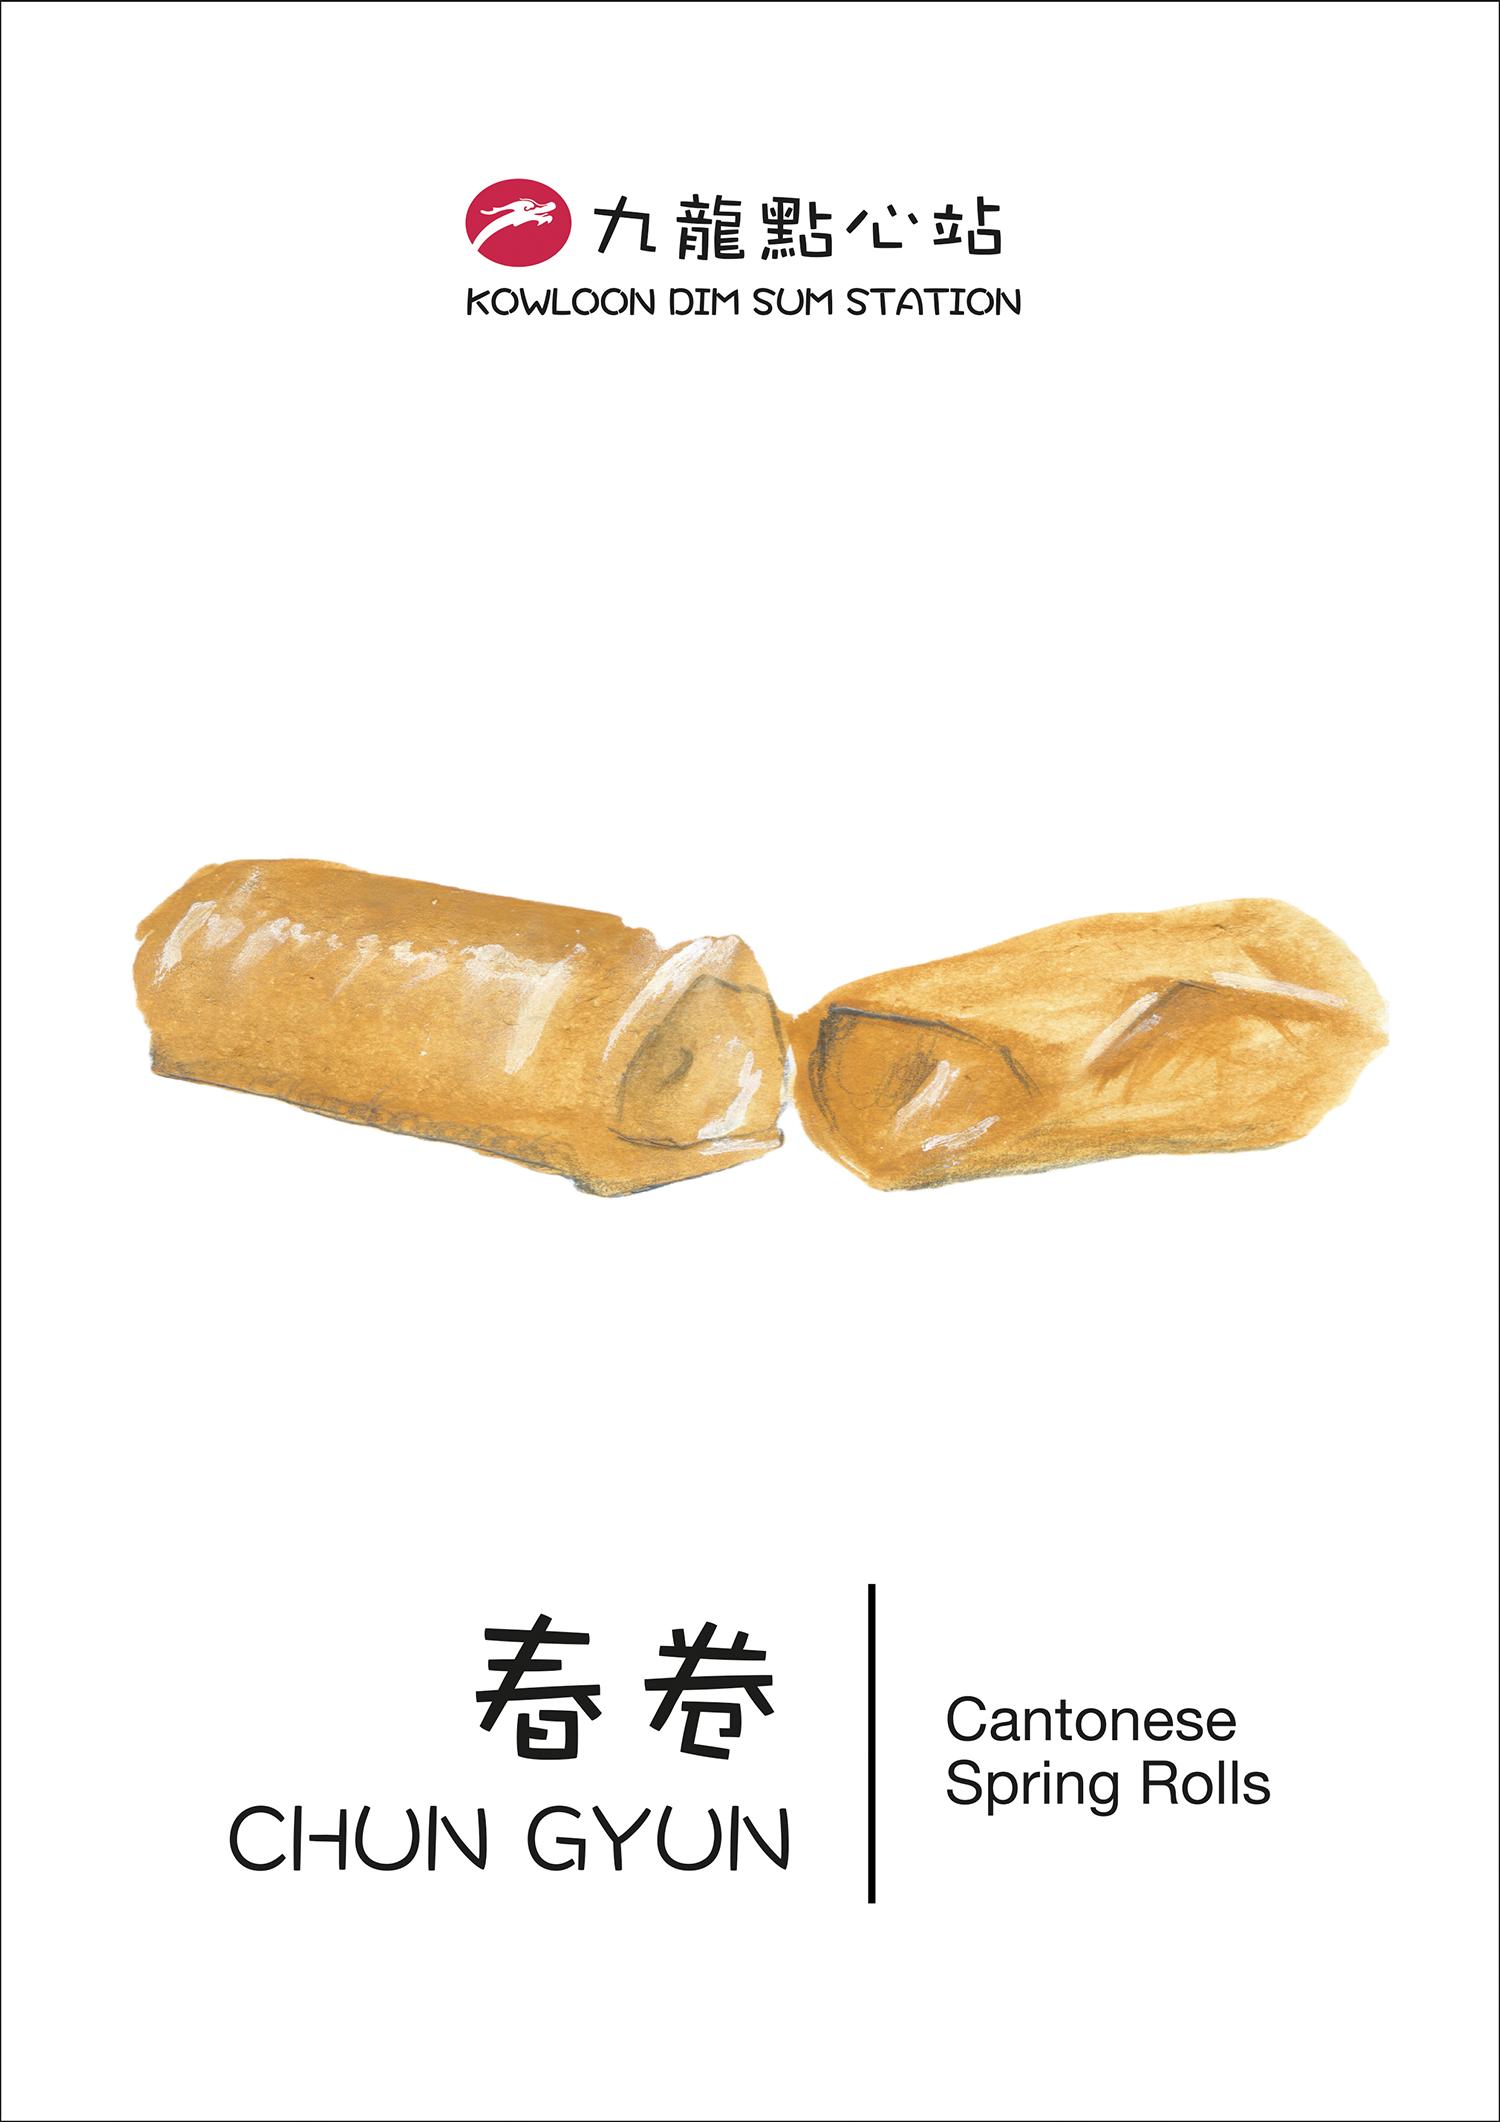 kowloon-dim-sum-05.jpg